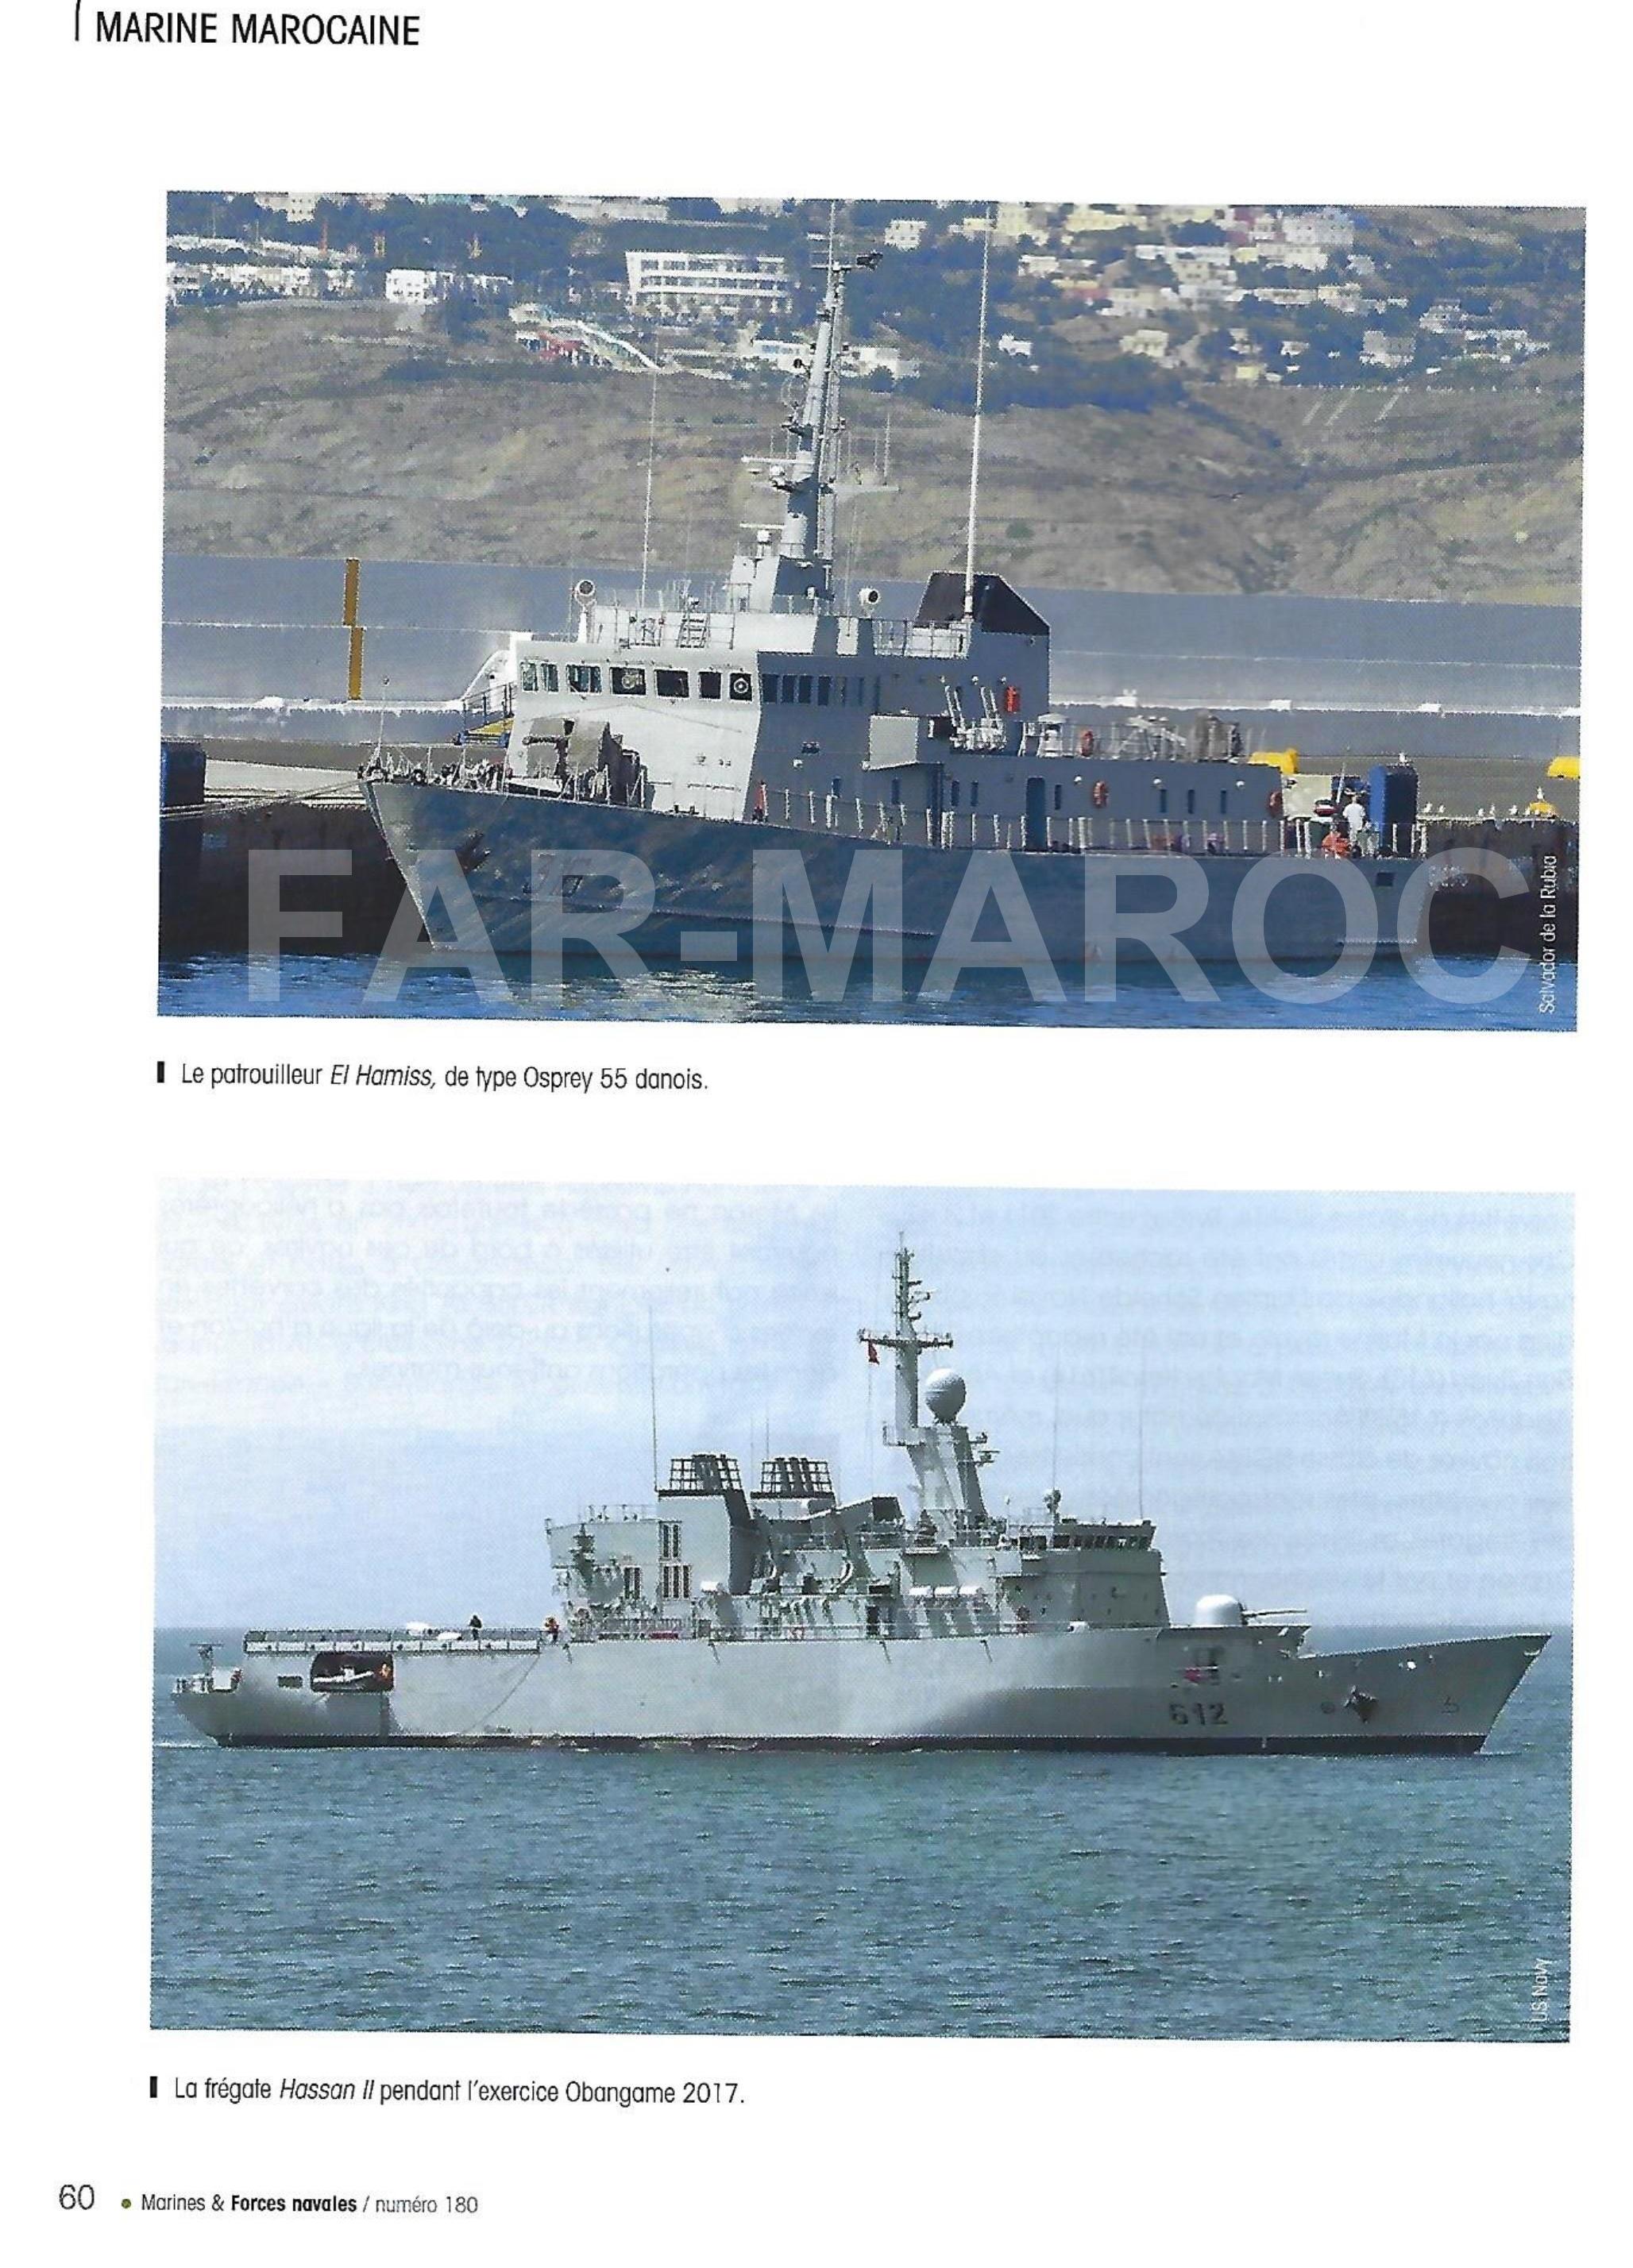 Articles à propos de la Marine Royale Marocaine 46682814735_ce5a4dd951_o